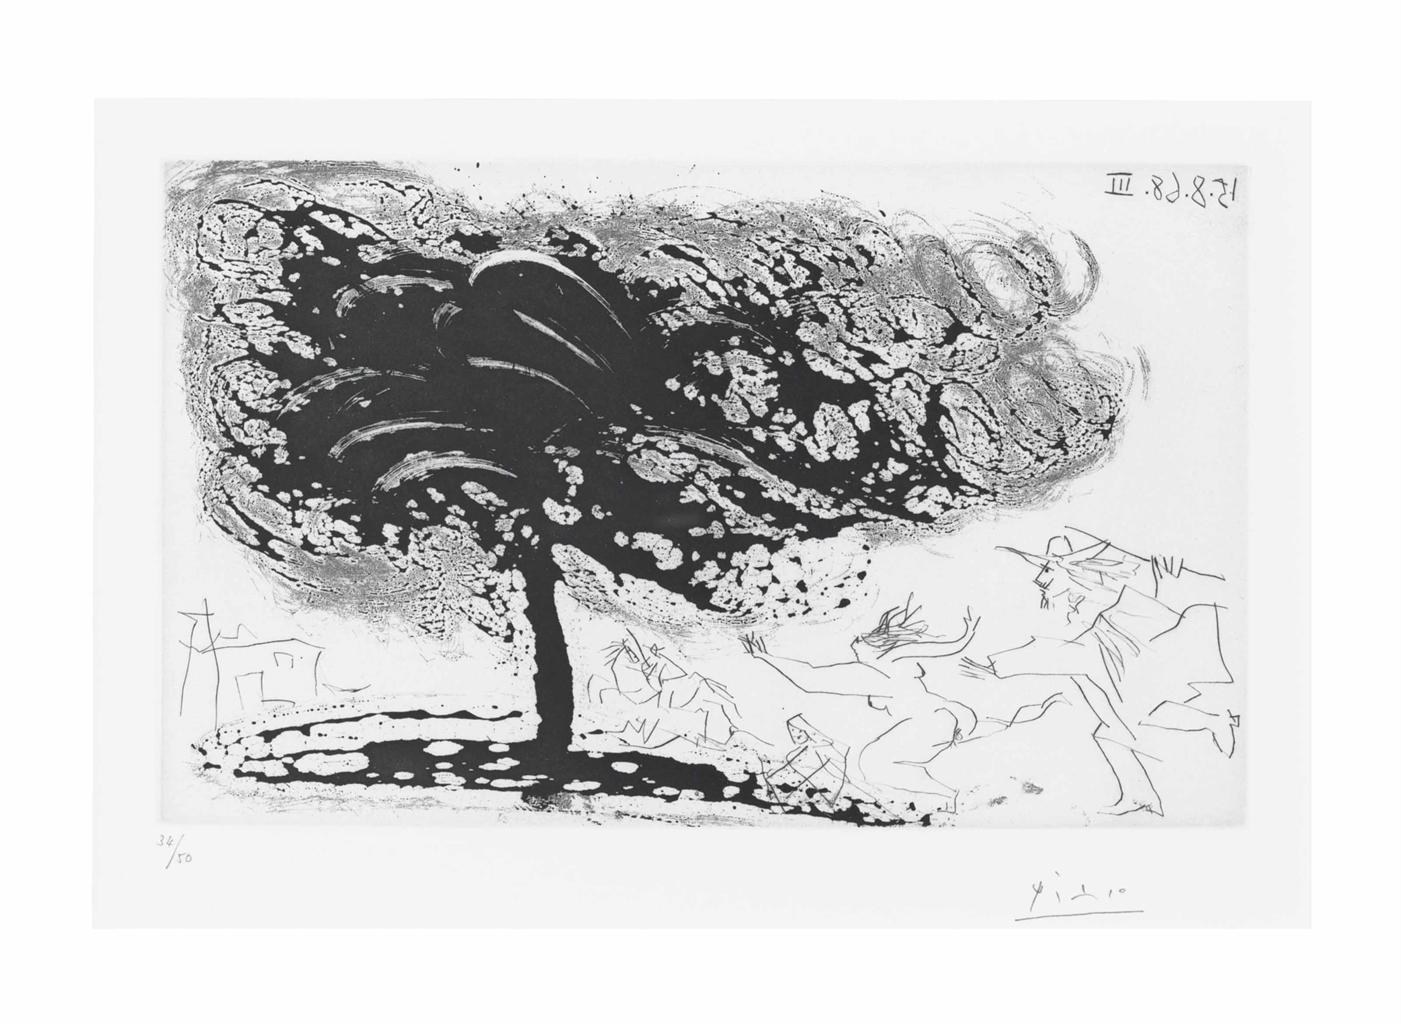 Pablo Picasso-Arbre dans la tempeteavec fuite vers une eglise, from La Serie 347-1968